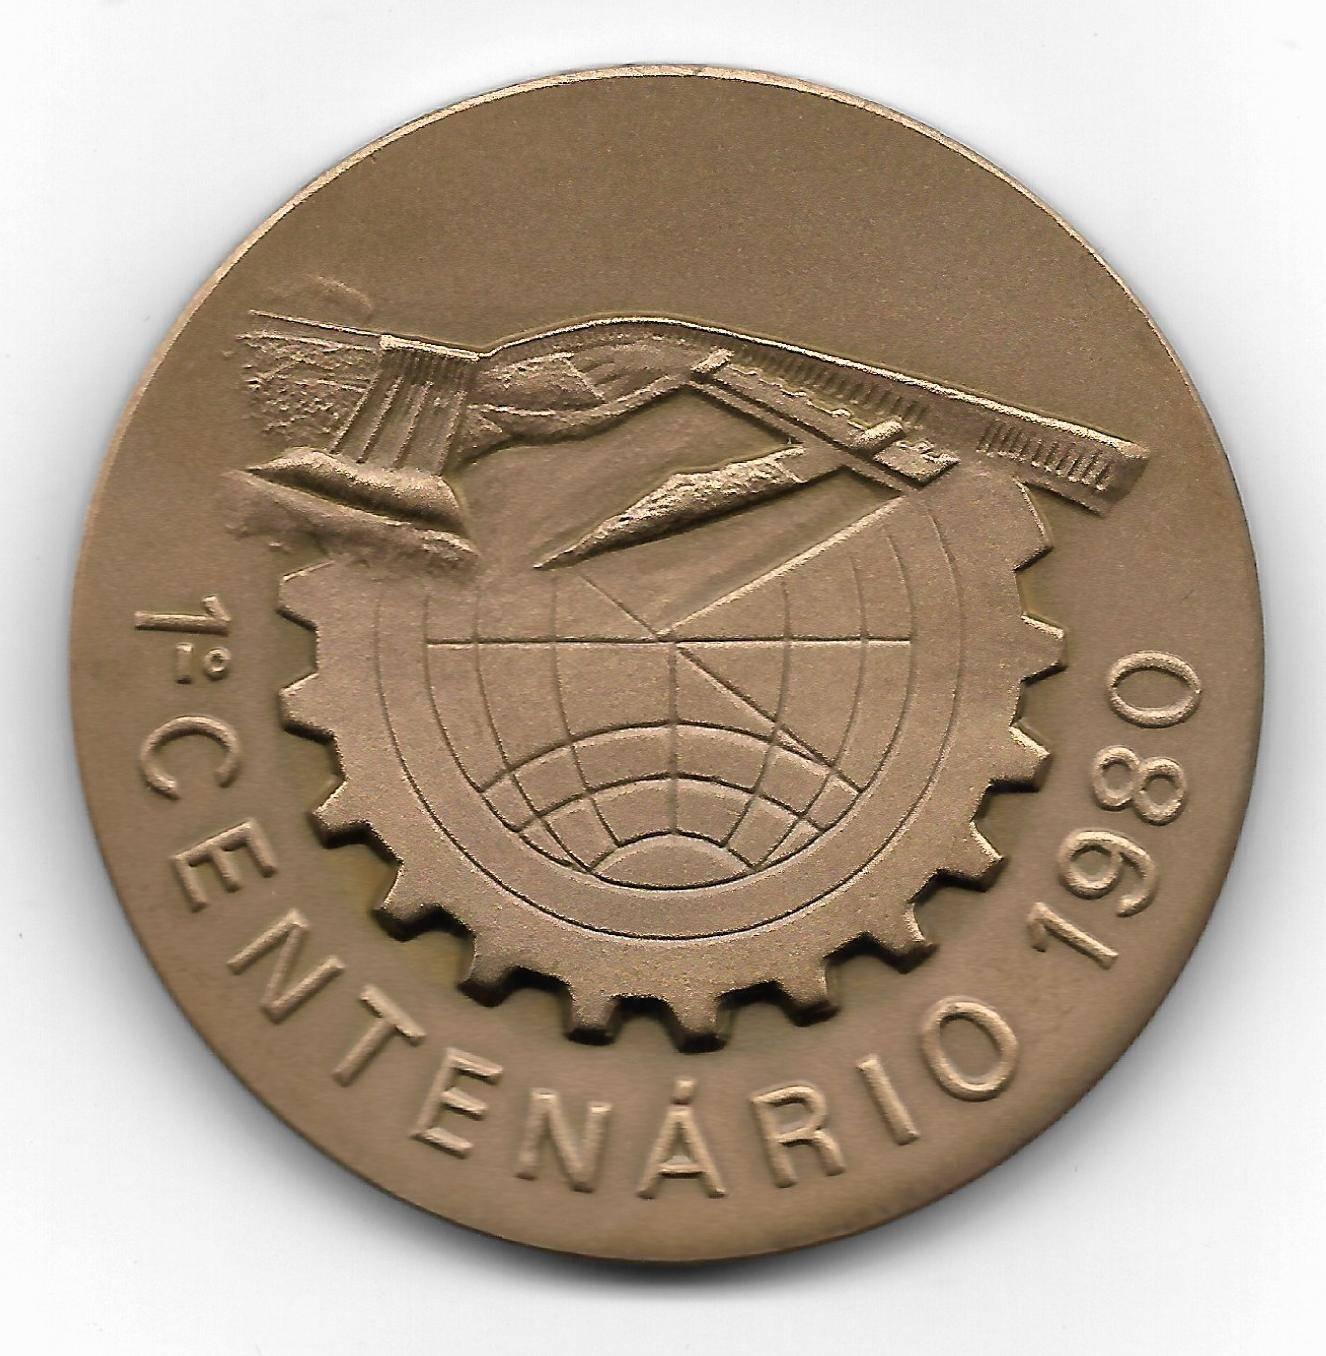 Medalha de Bronze - Centenário Clube de Engenharia - Numismática Vieira